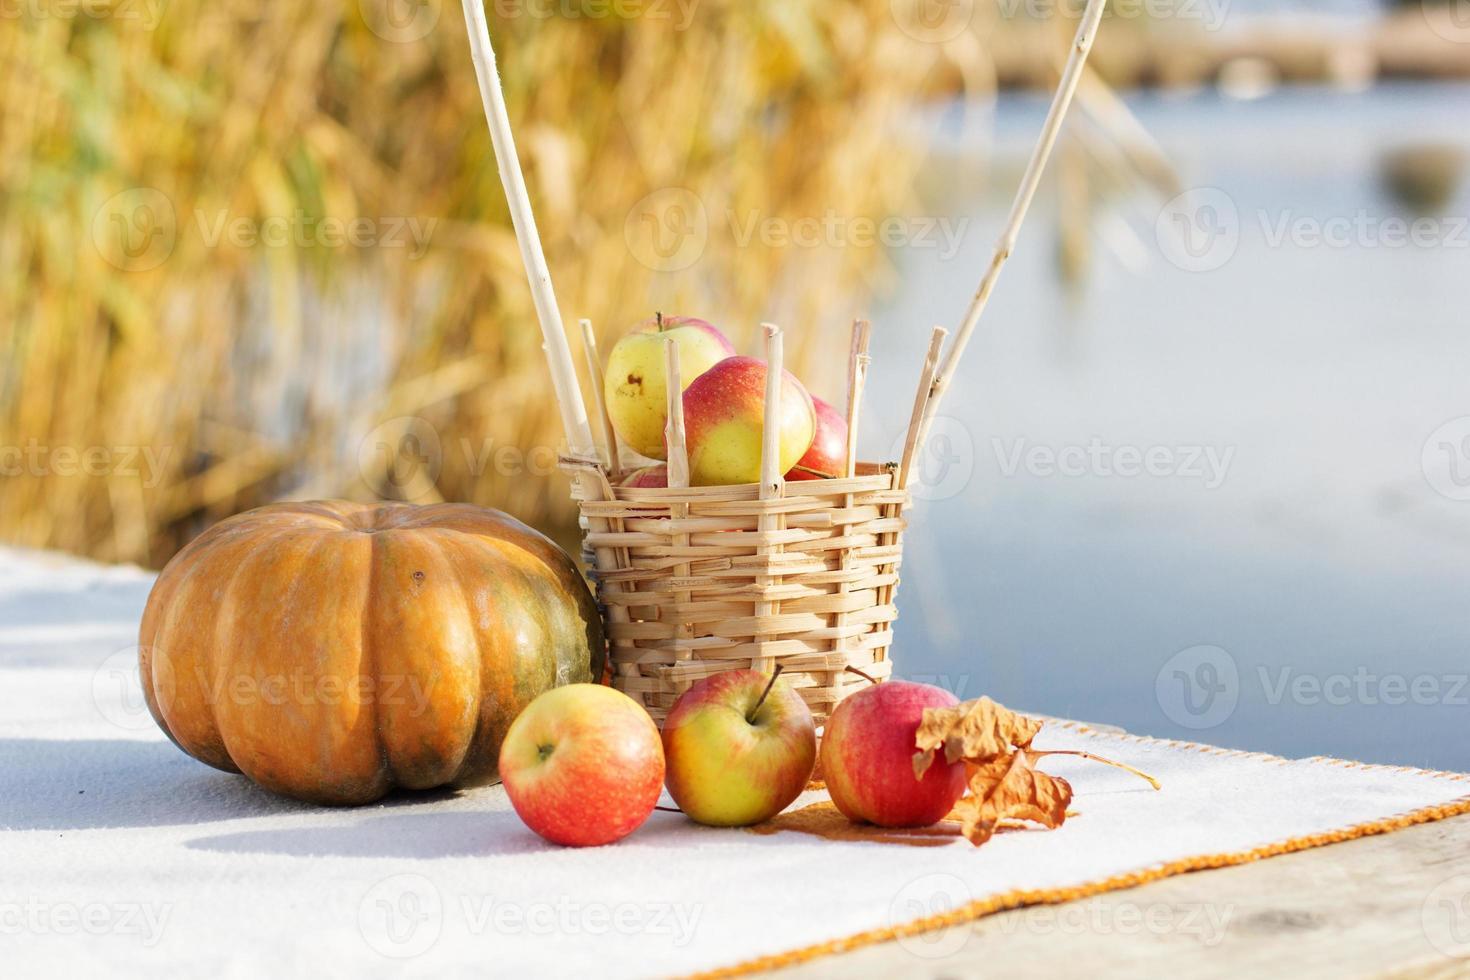 pumpa och korg med äpplen på bordet foto